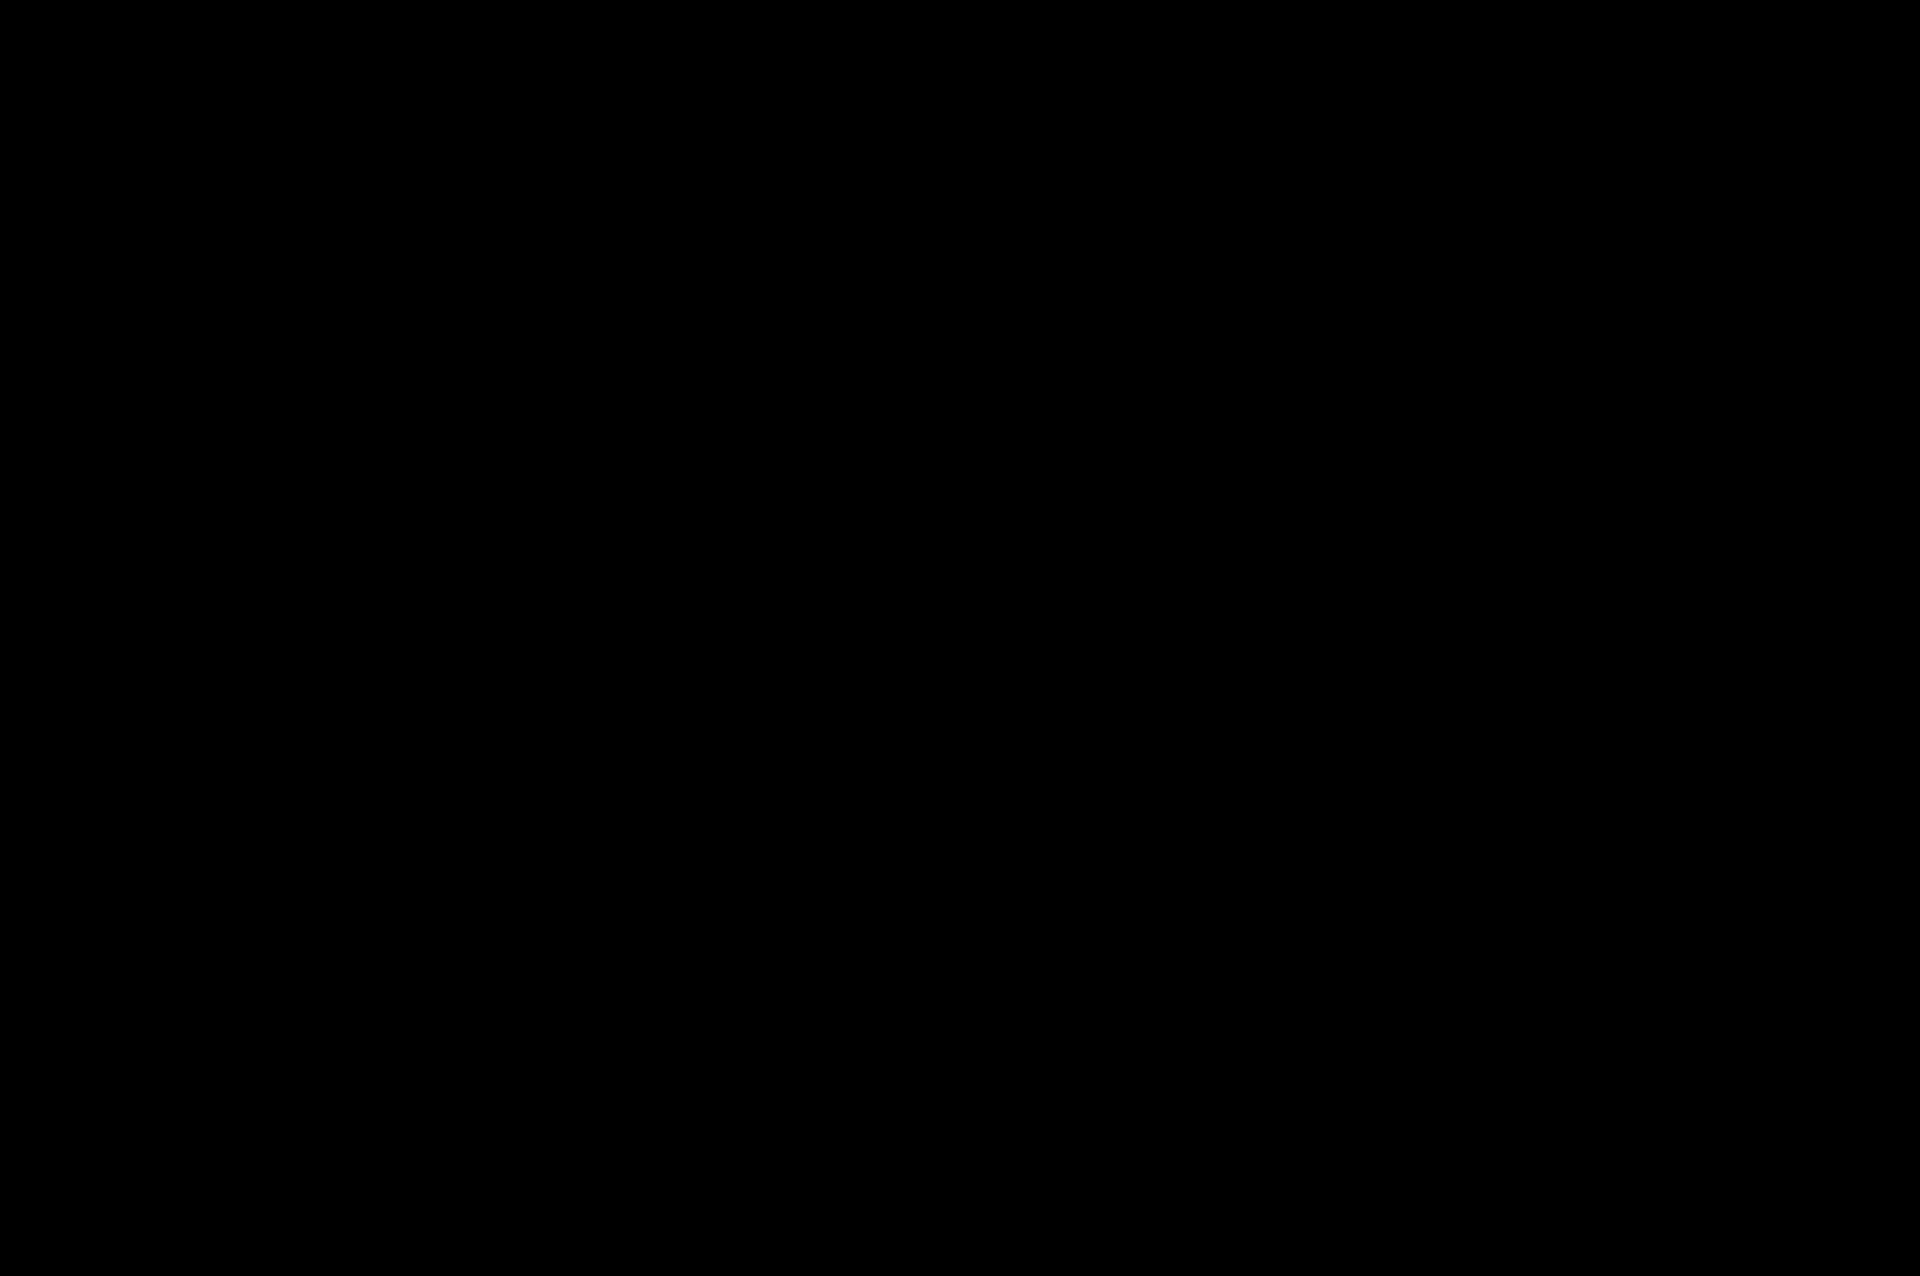 静岡鉄道 A3000系の型紙